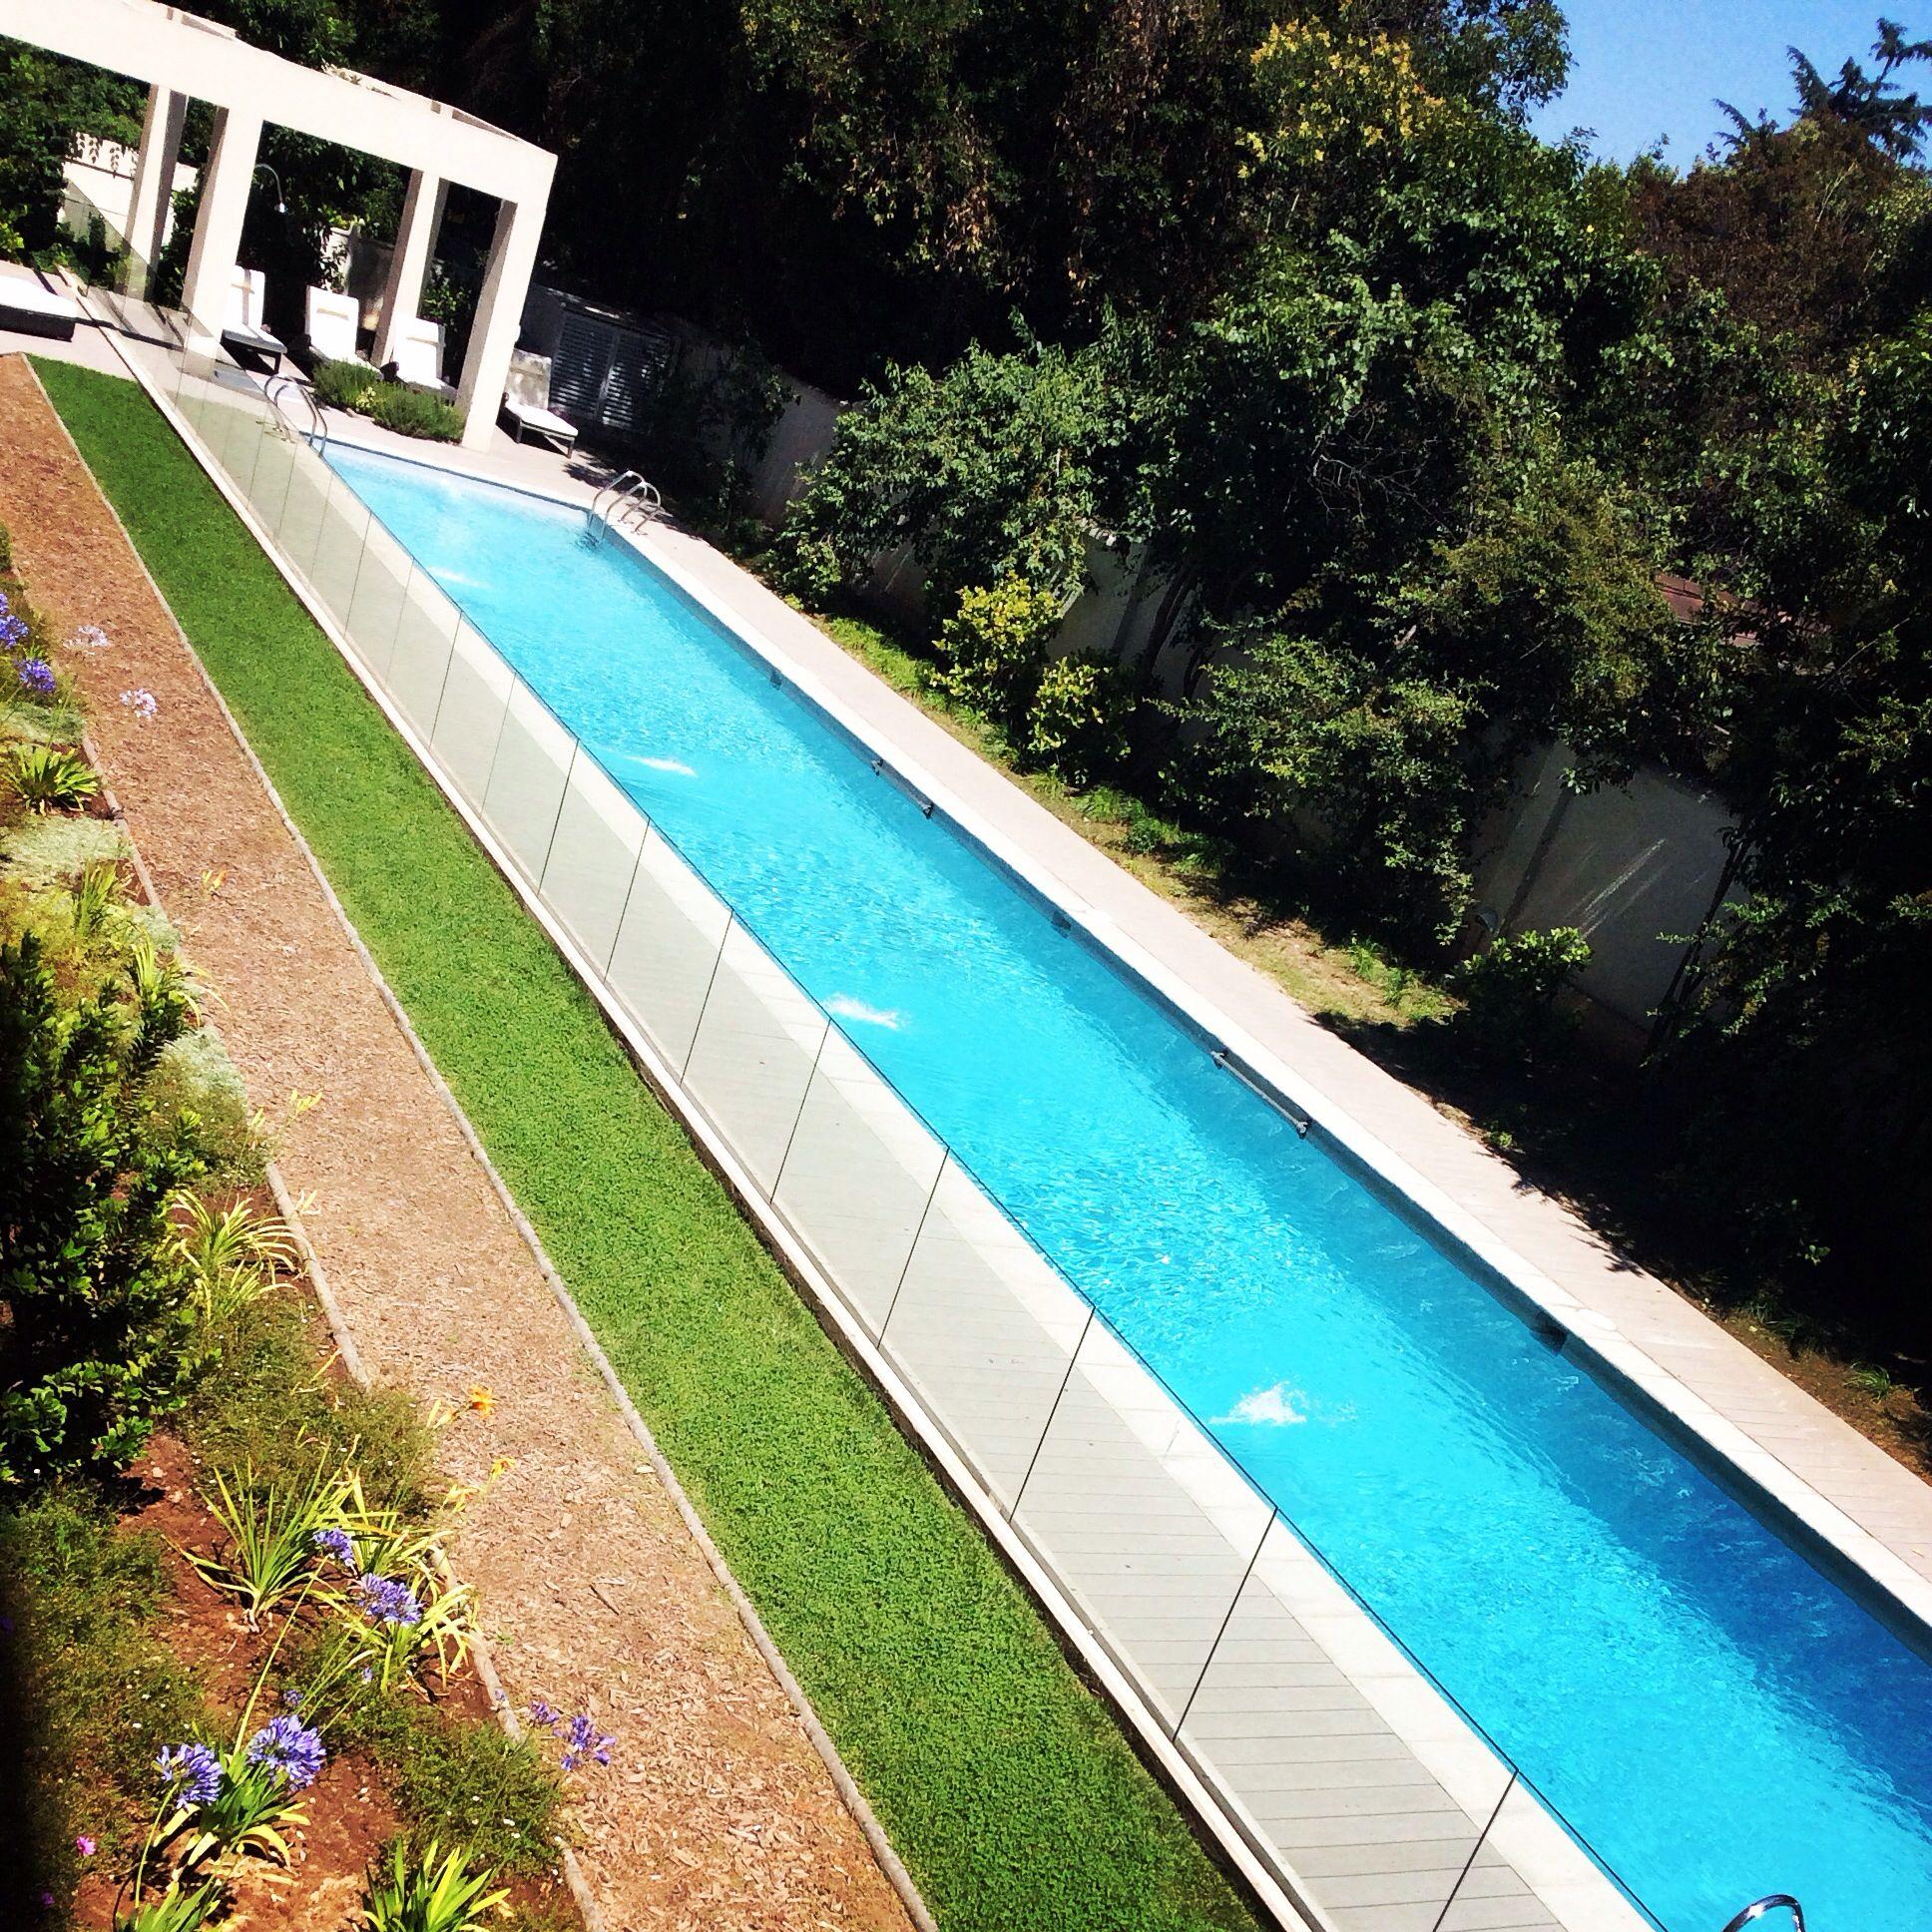 Épinglé par sionara okada sur piscinas legais  couloir de